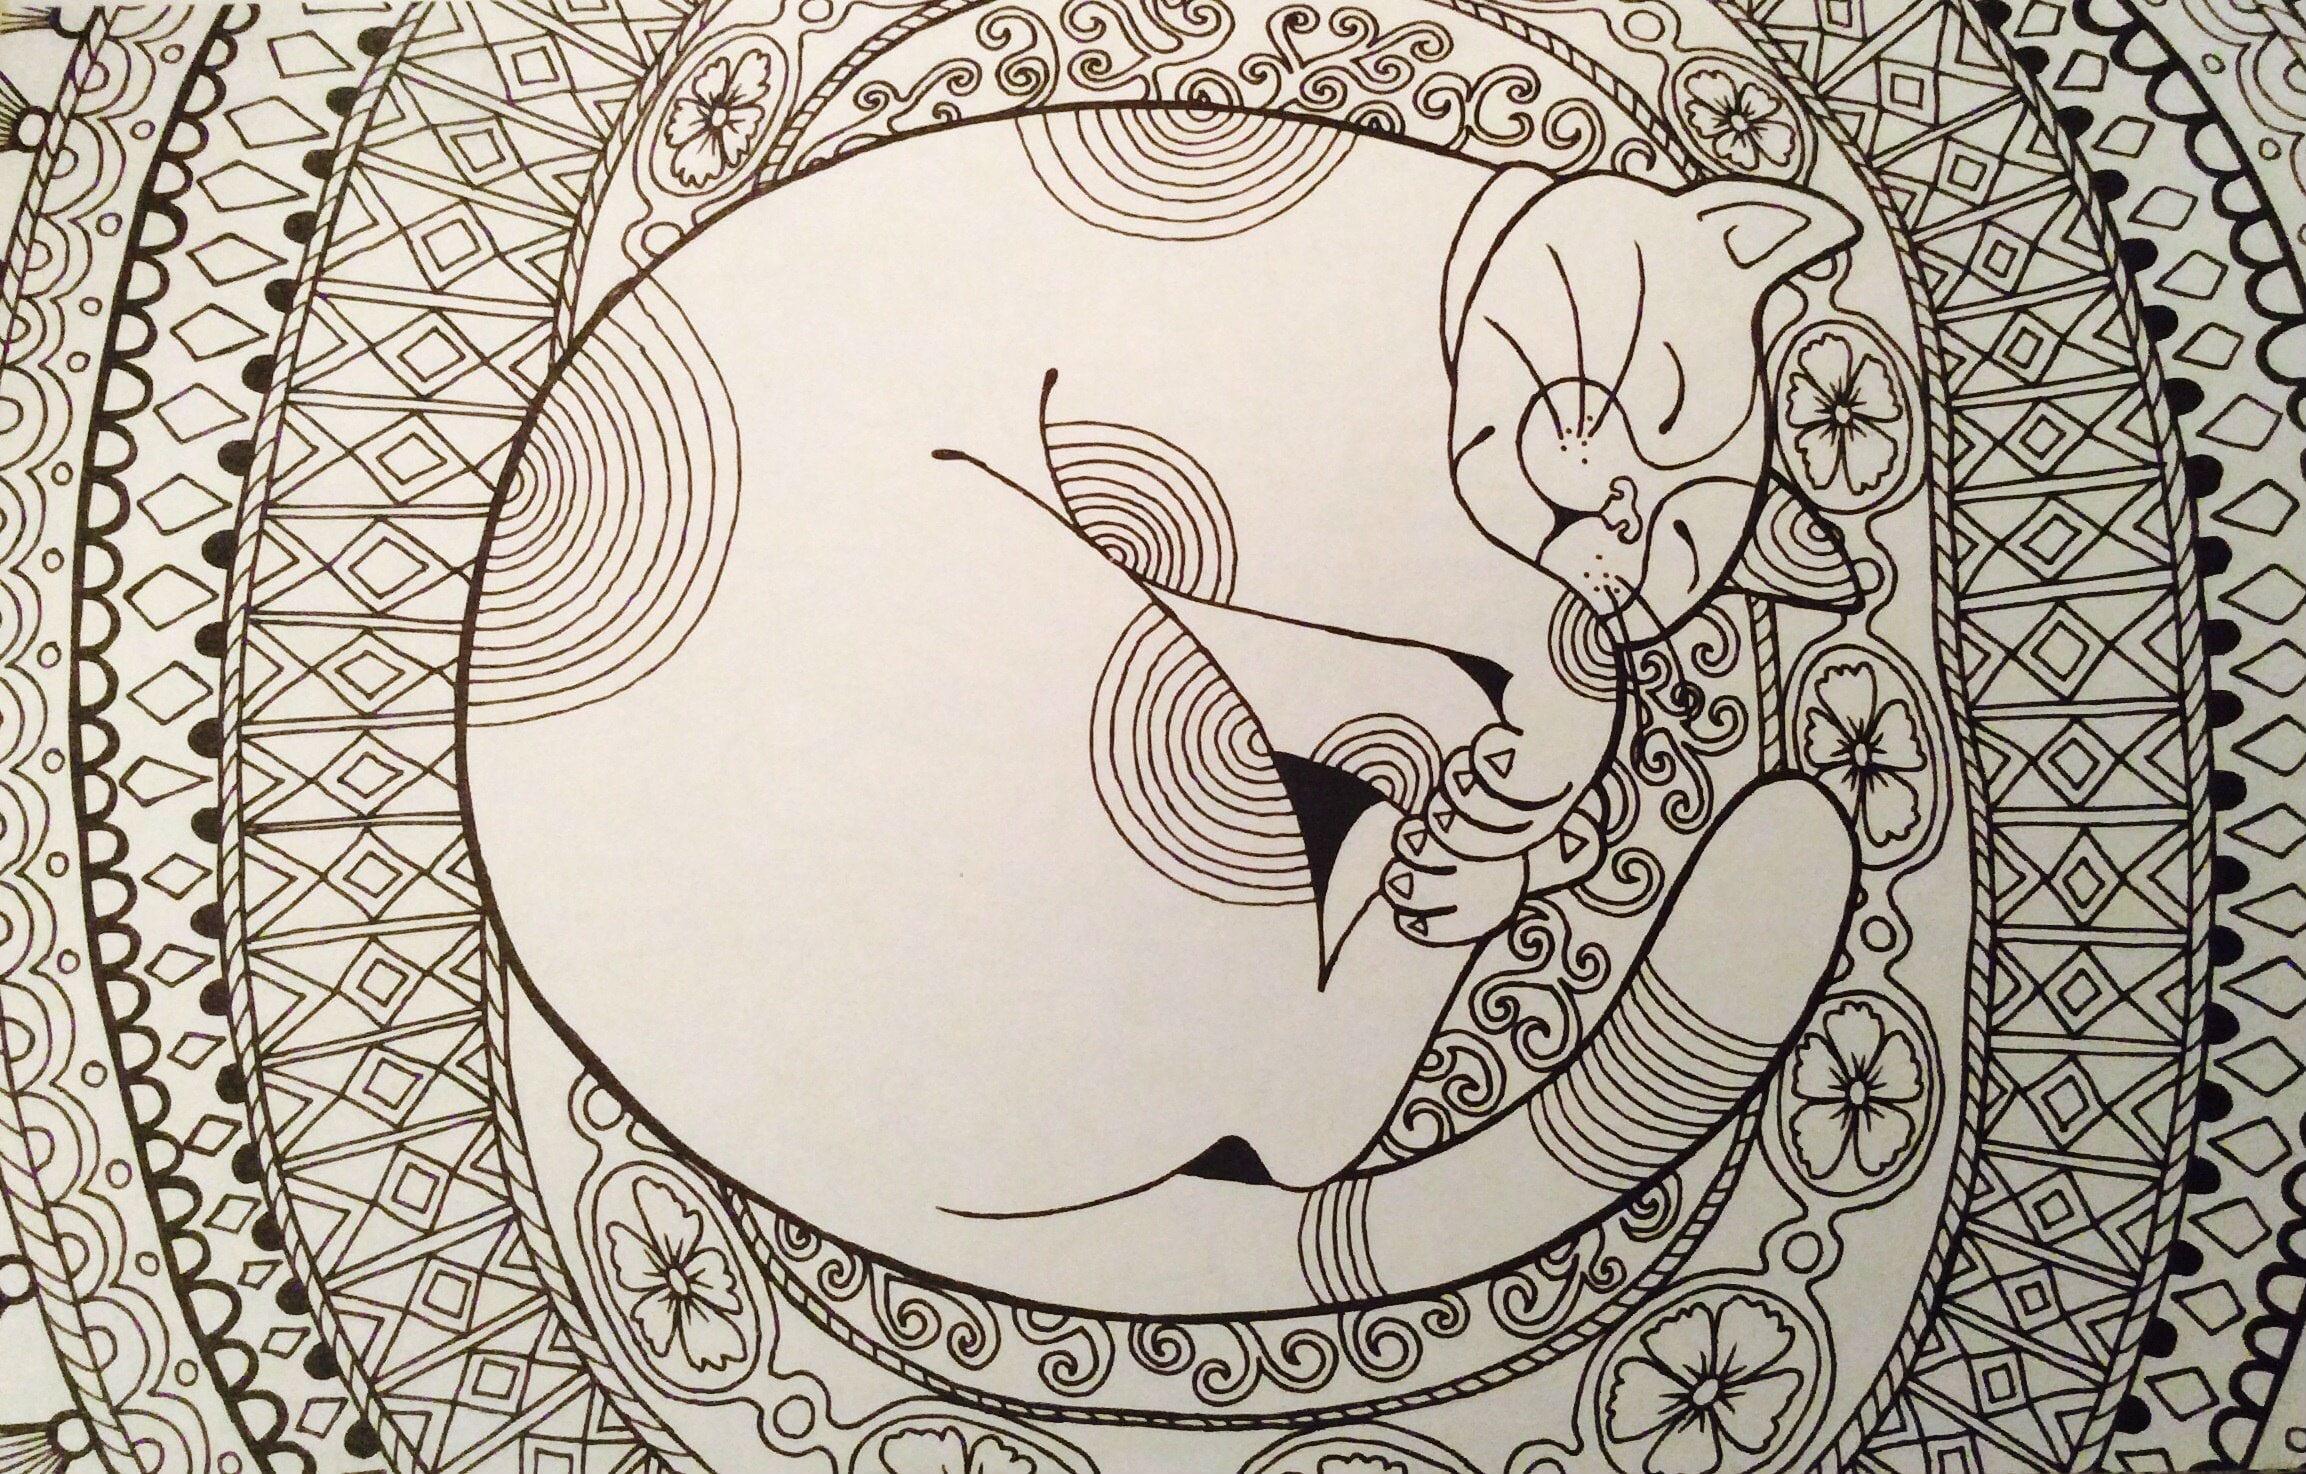 картинка кошки раскраска распечатать - Рисовака